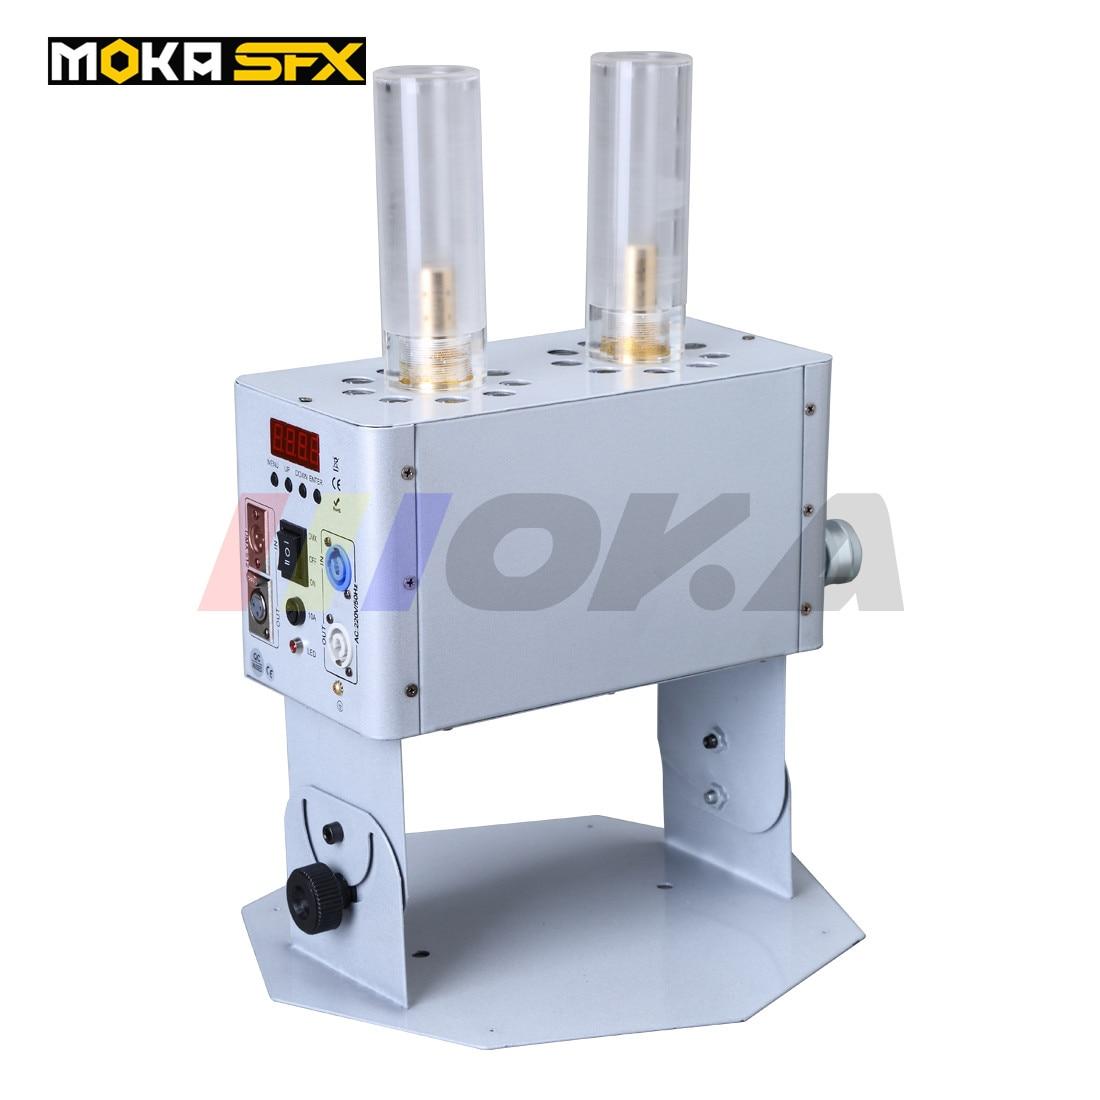 Stage DMX 512 kaksoisputki LED CO2 -suihkukoneiden kryo-efektejä ilmaisia enkeleitä ammuntaan 8–12 metriä LED CO2 -suihkulaitetta